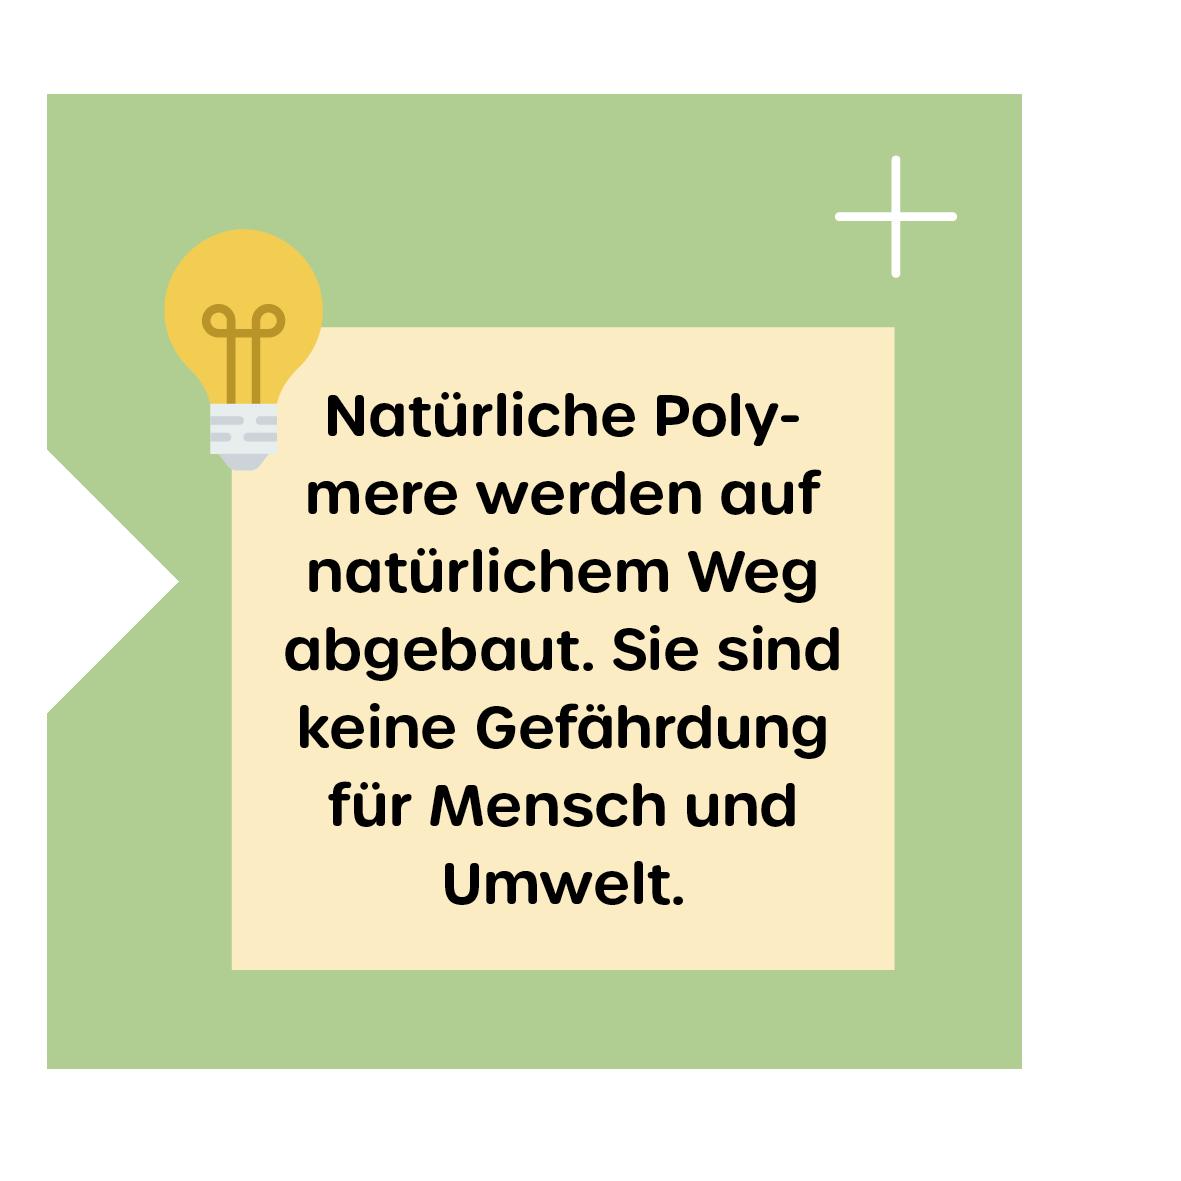 Abbauwege natürlicher Polymere